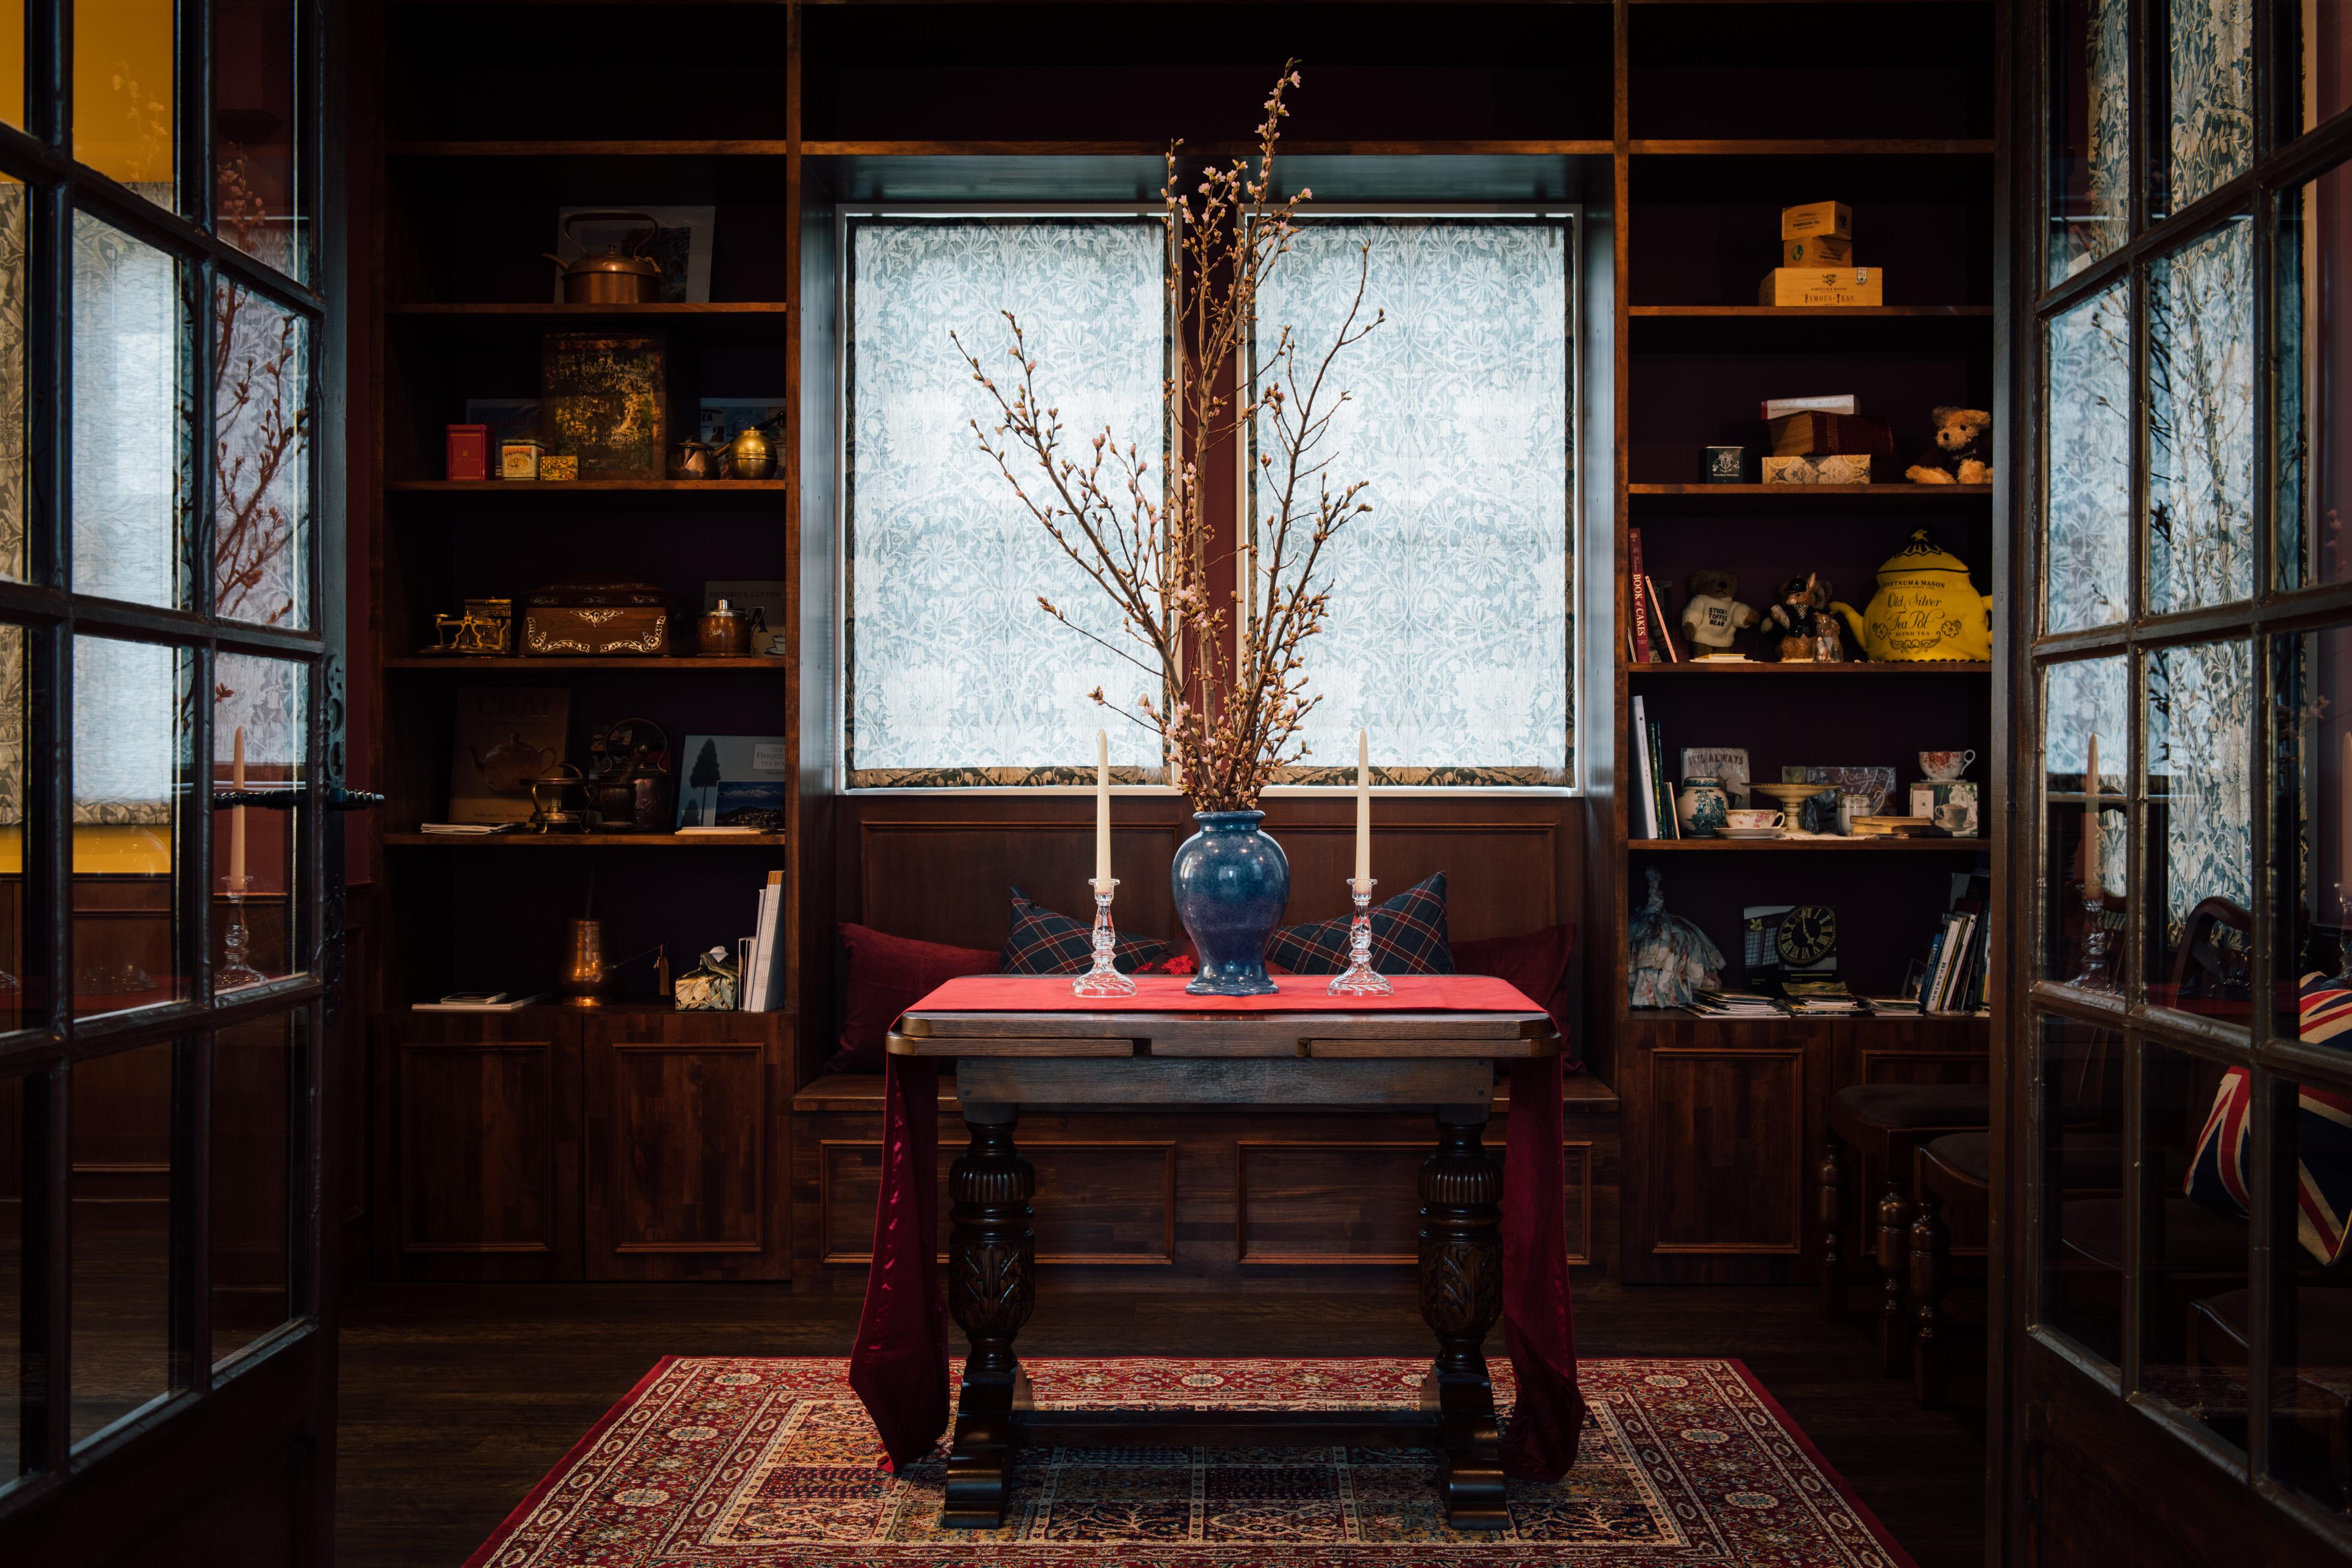 〔終了しました〕Still Rooms × AKI FLOWERS クリスマススペシャルワークショップ「アドベントクリスマスリース作り」